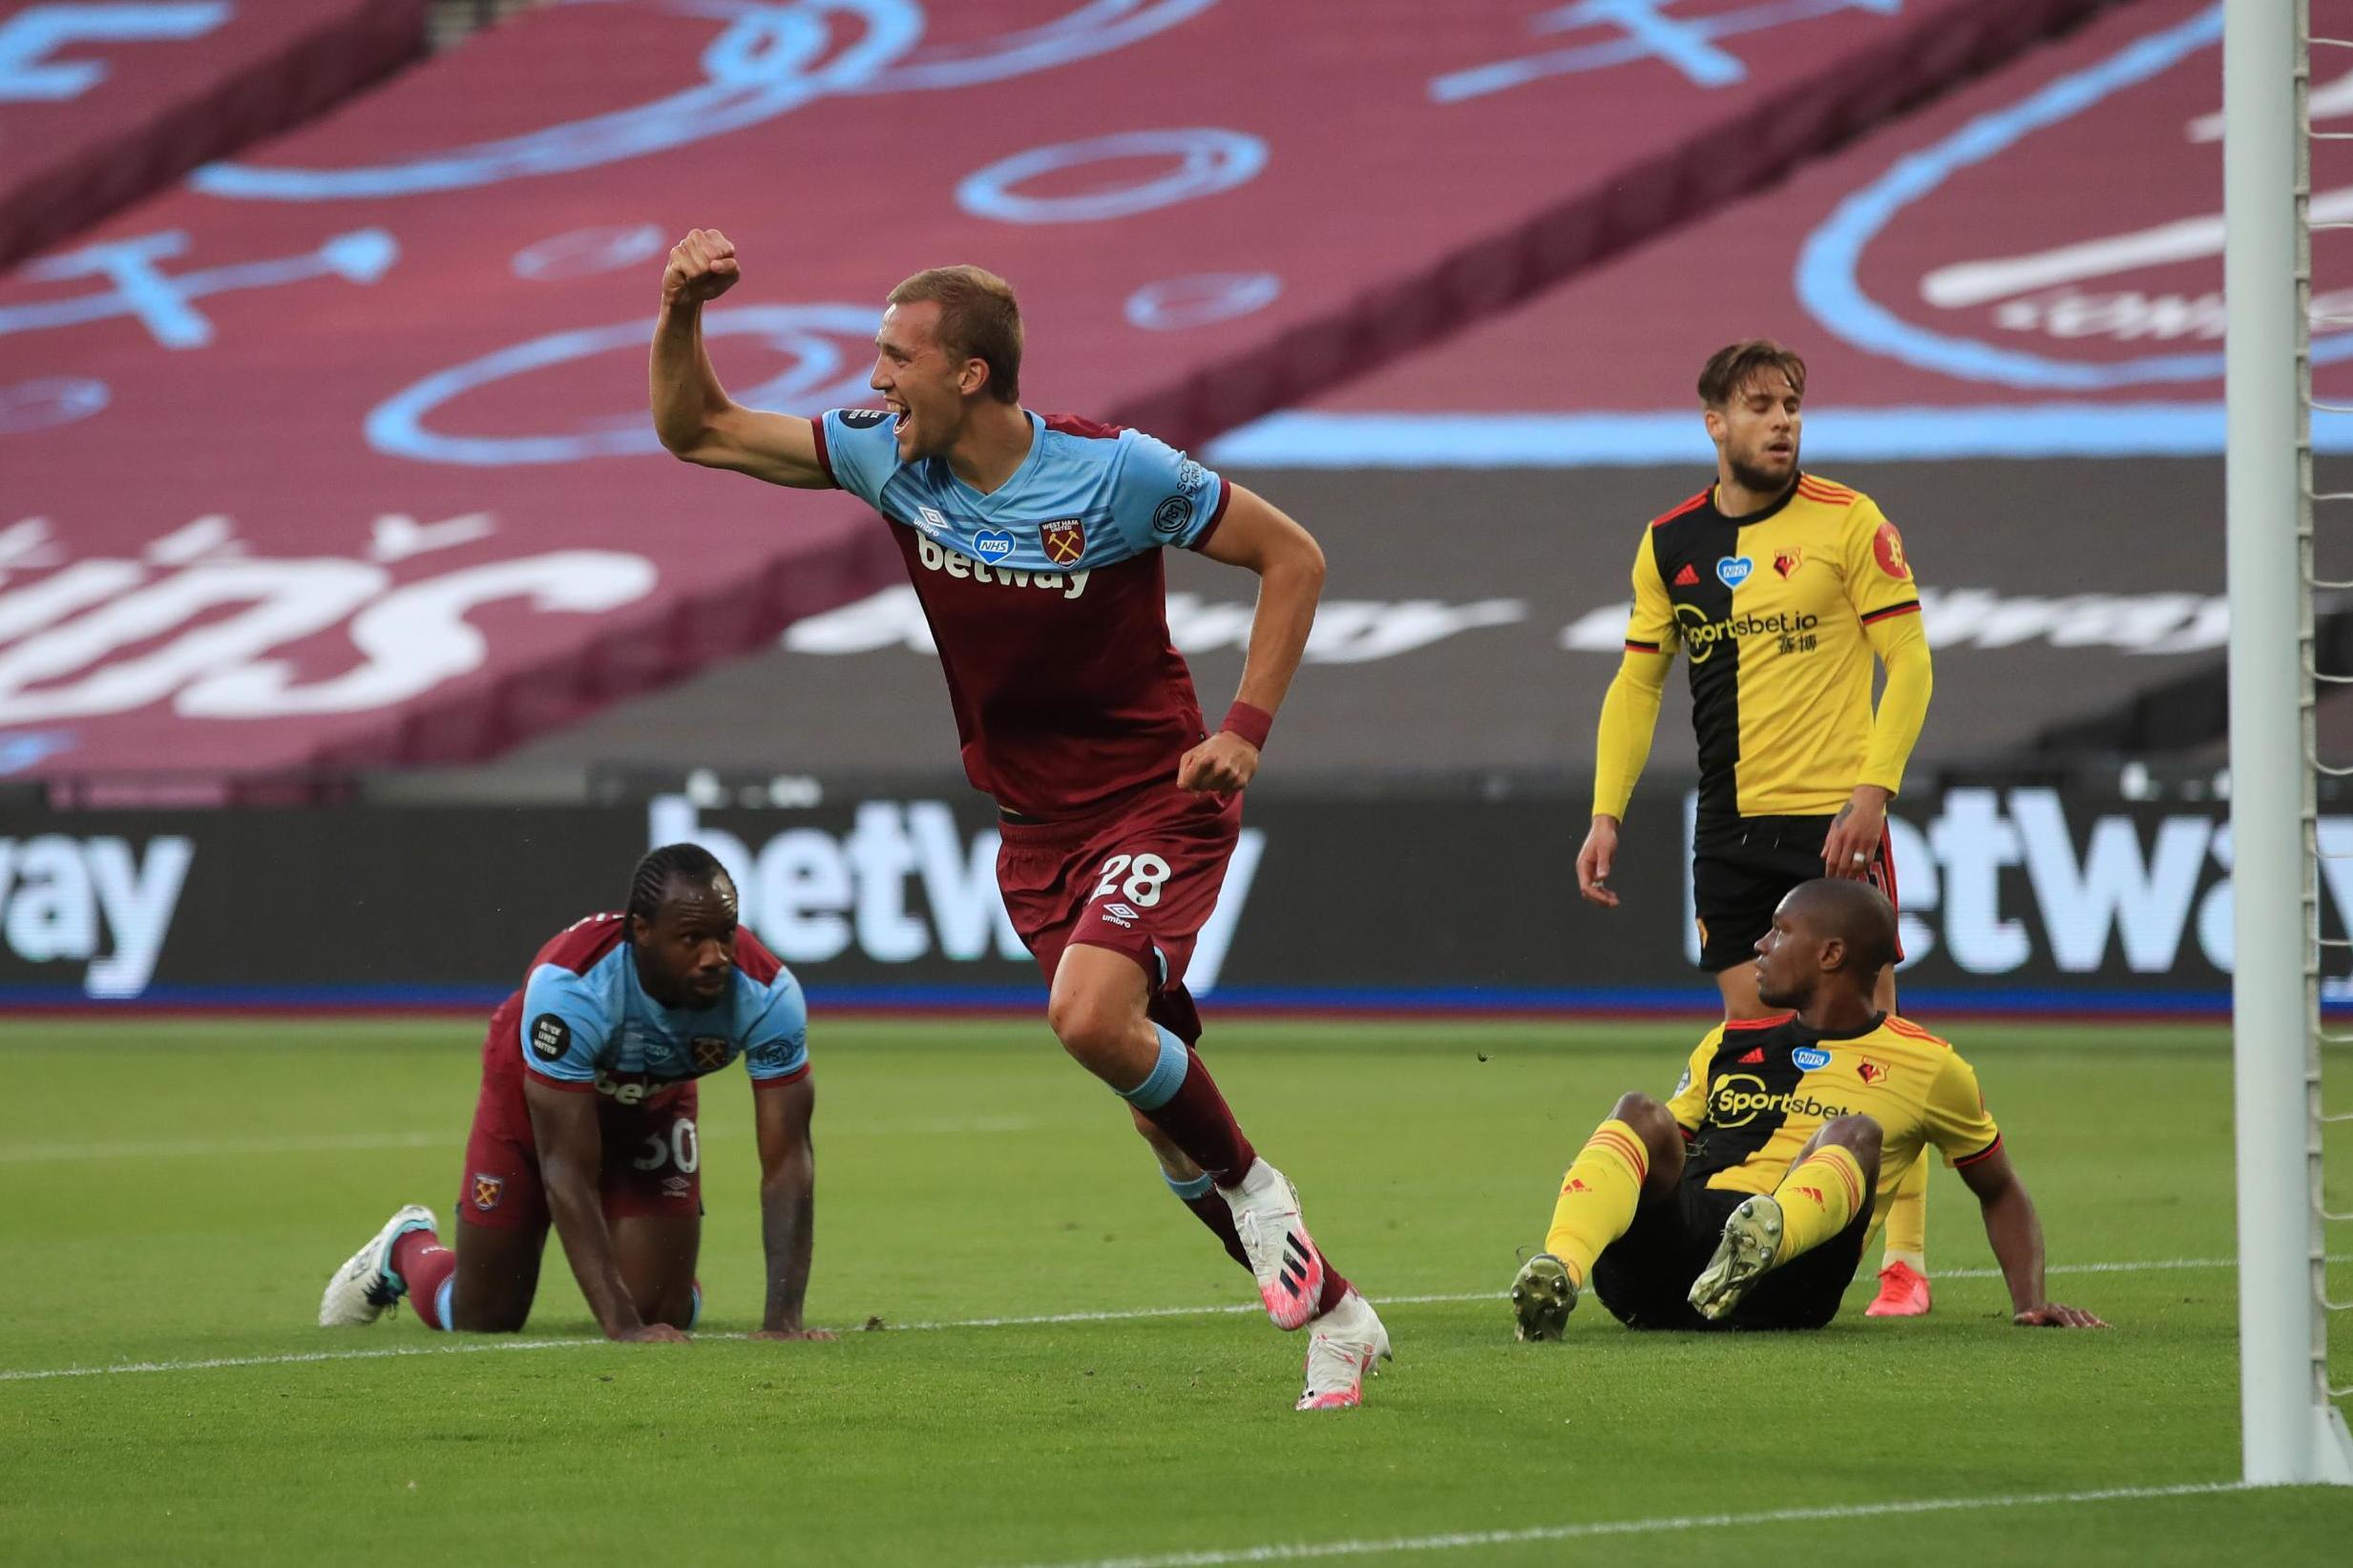 West Ham 3 -1 Watford